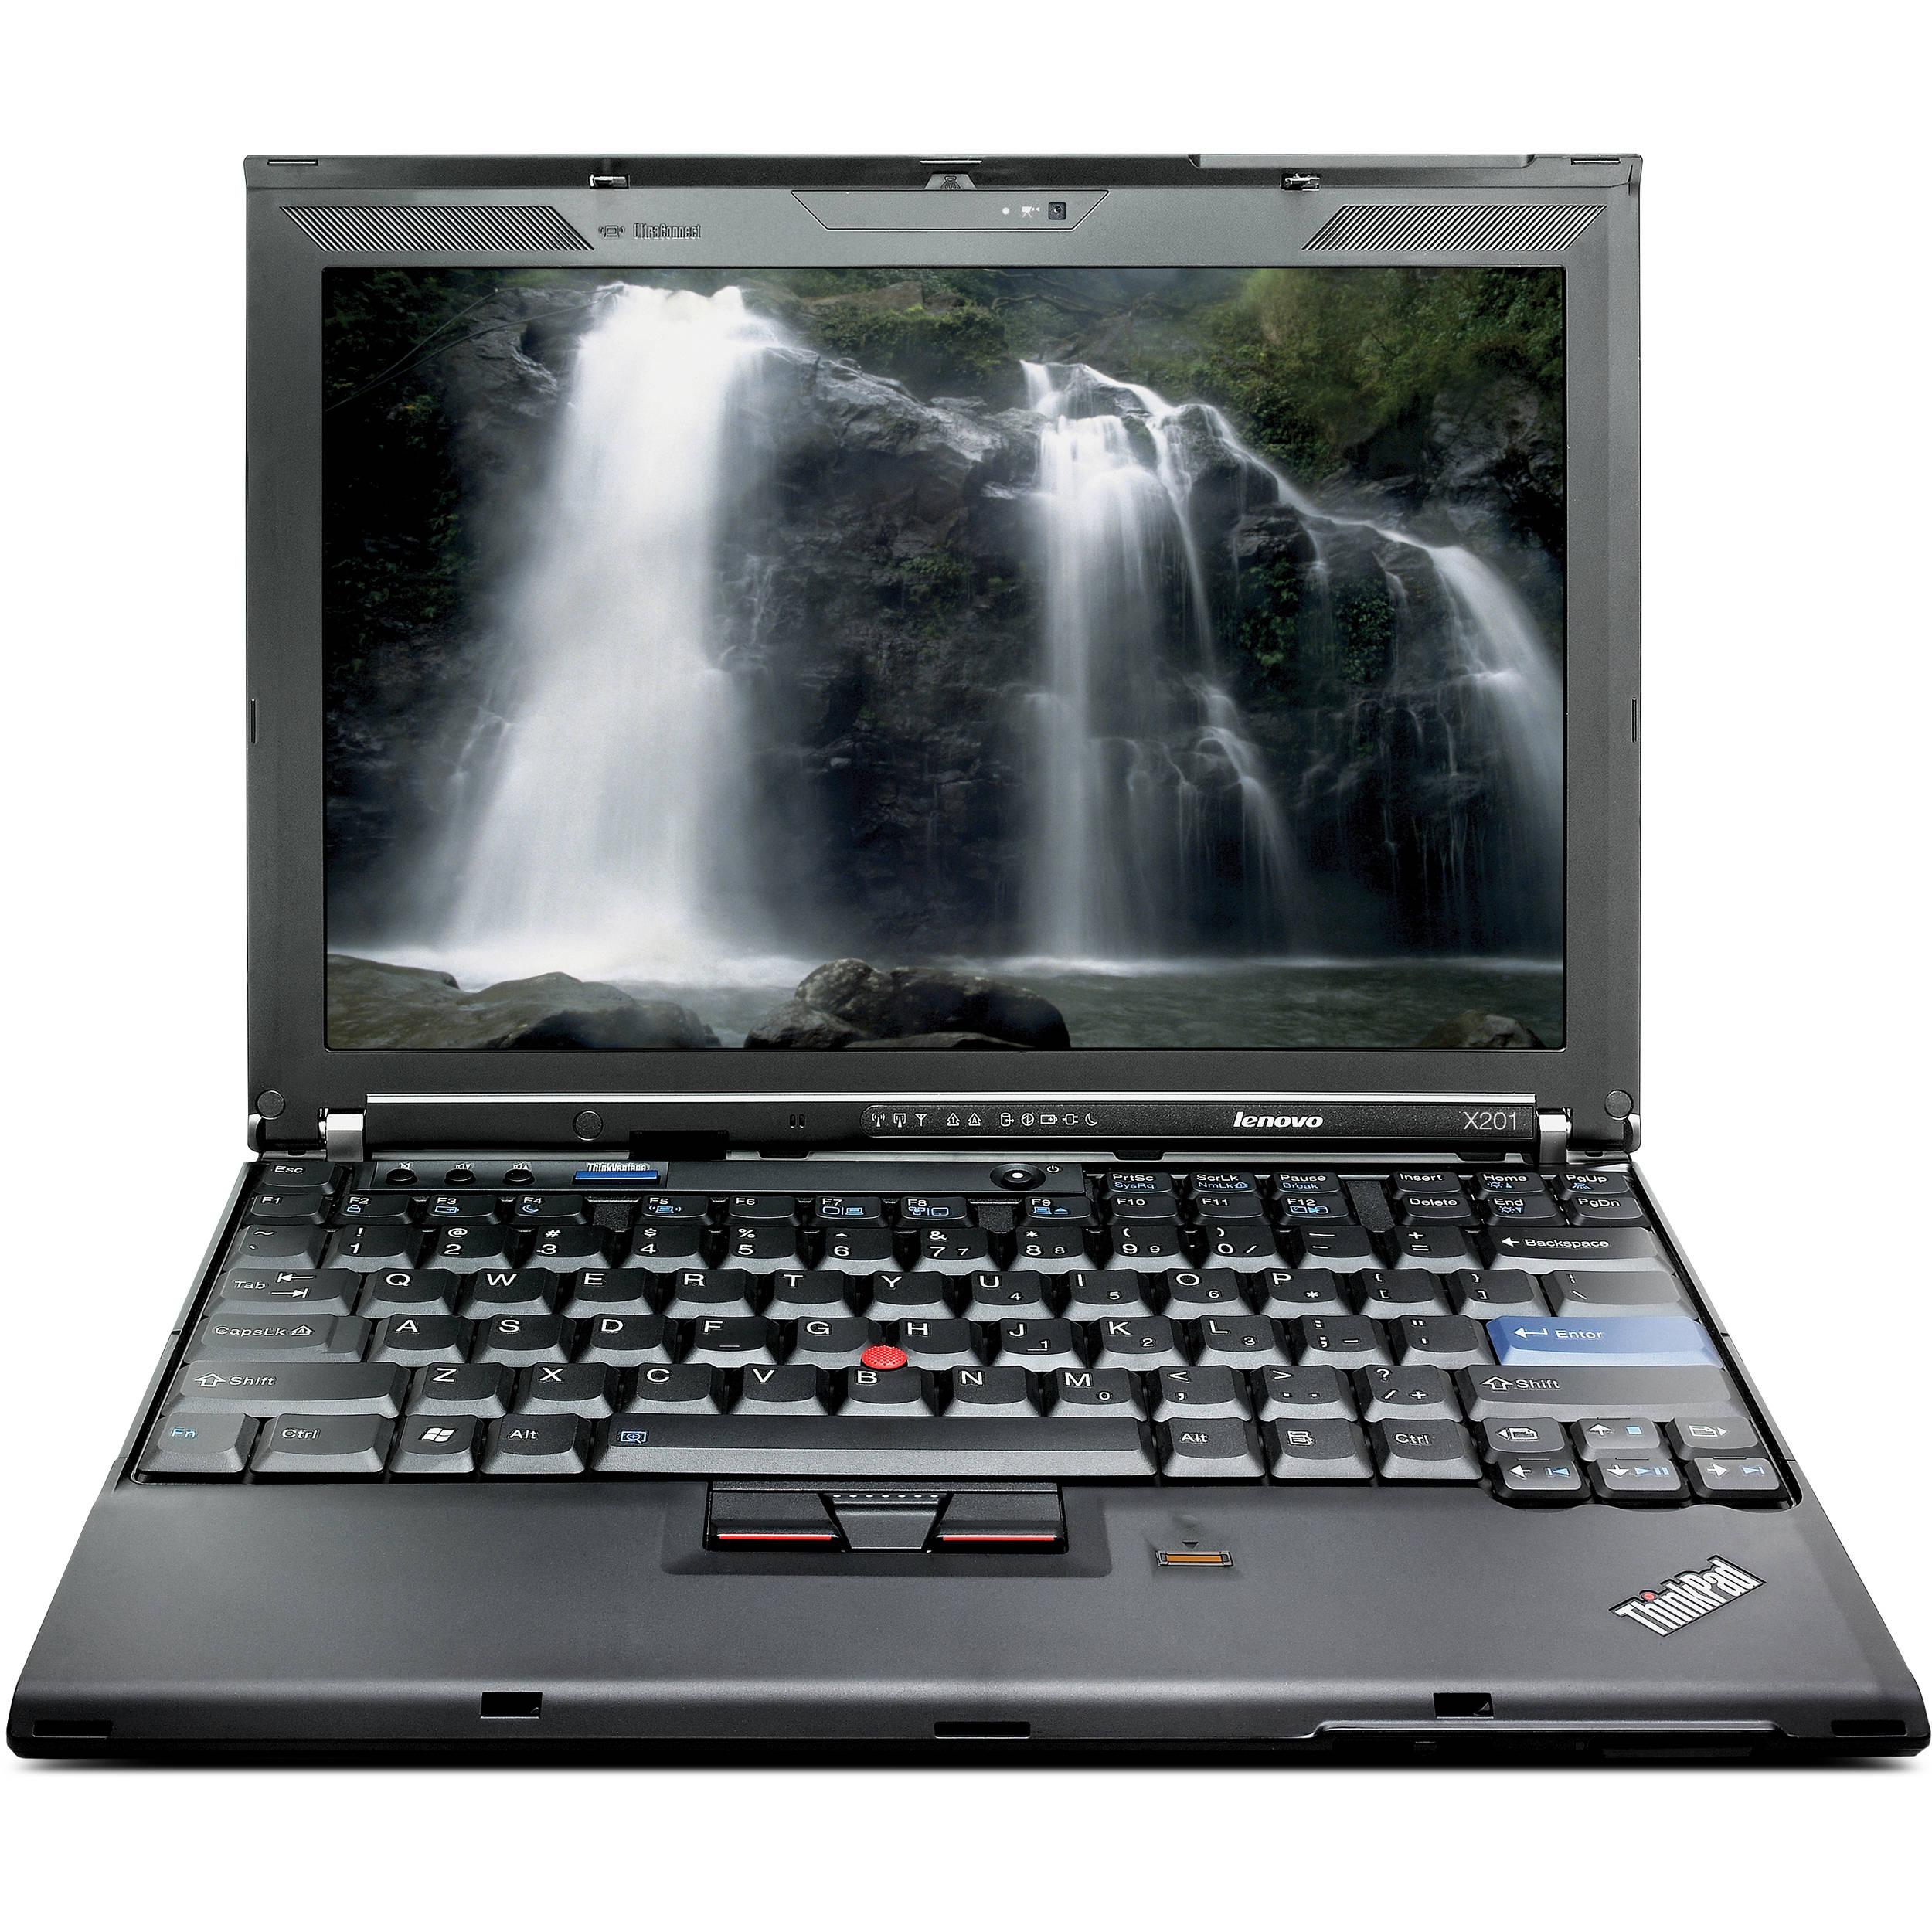 Lenovo ThinkPad X201 12 1